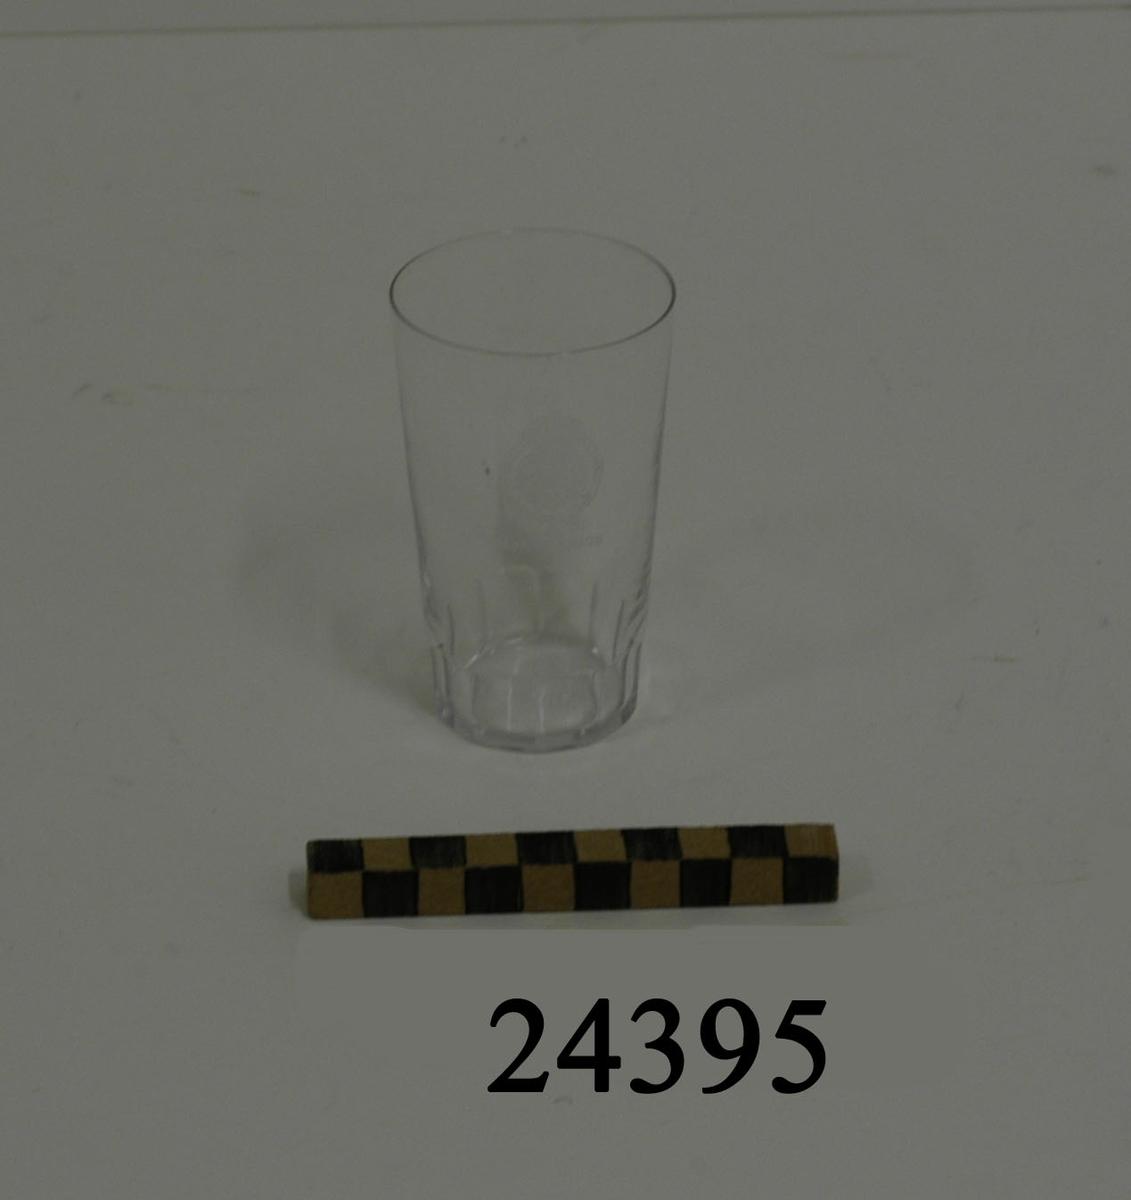 """Selterglas, cylinderformat, tunn botten, utan fot, något större i mynningen än botten. Bågformad slipning i glasets nedre kant. På glasets mitt graverad dekor: lilla riksvapnet omgivet av koldinerorden därunder: """" H.M.S. SVERIGE """" Diameeter: 55 mm mynning,  D = 40 mm botten"""